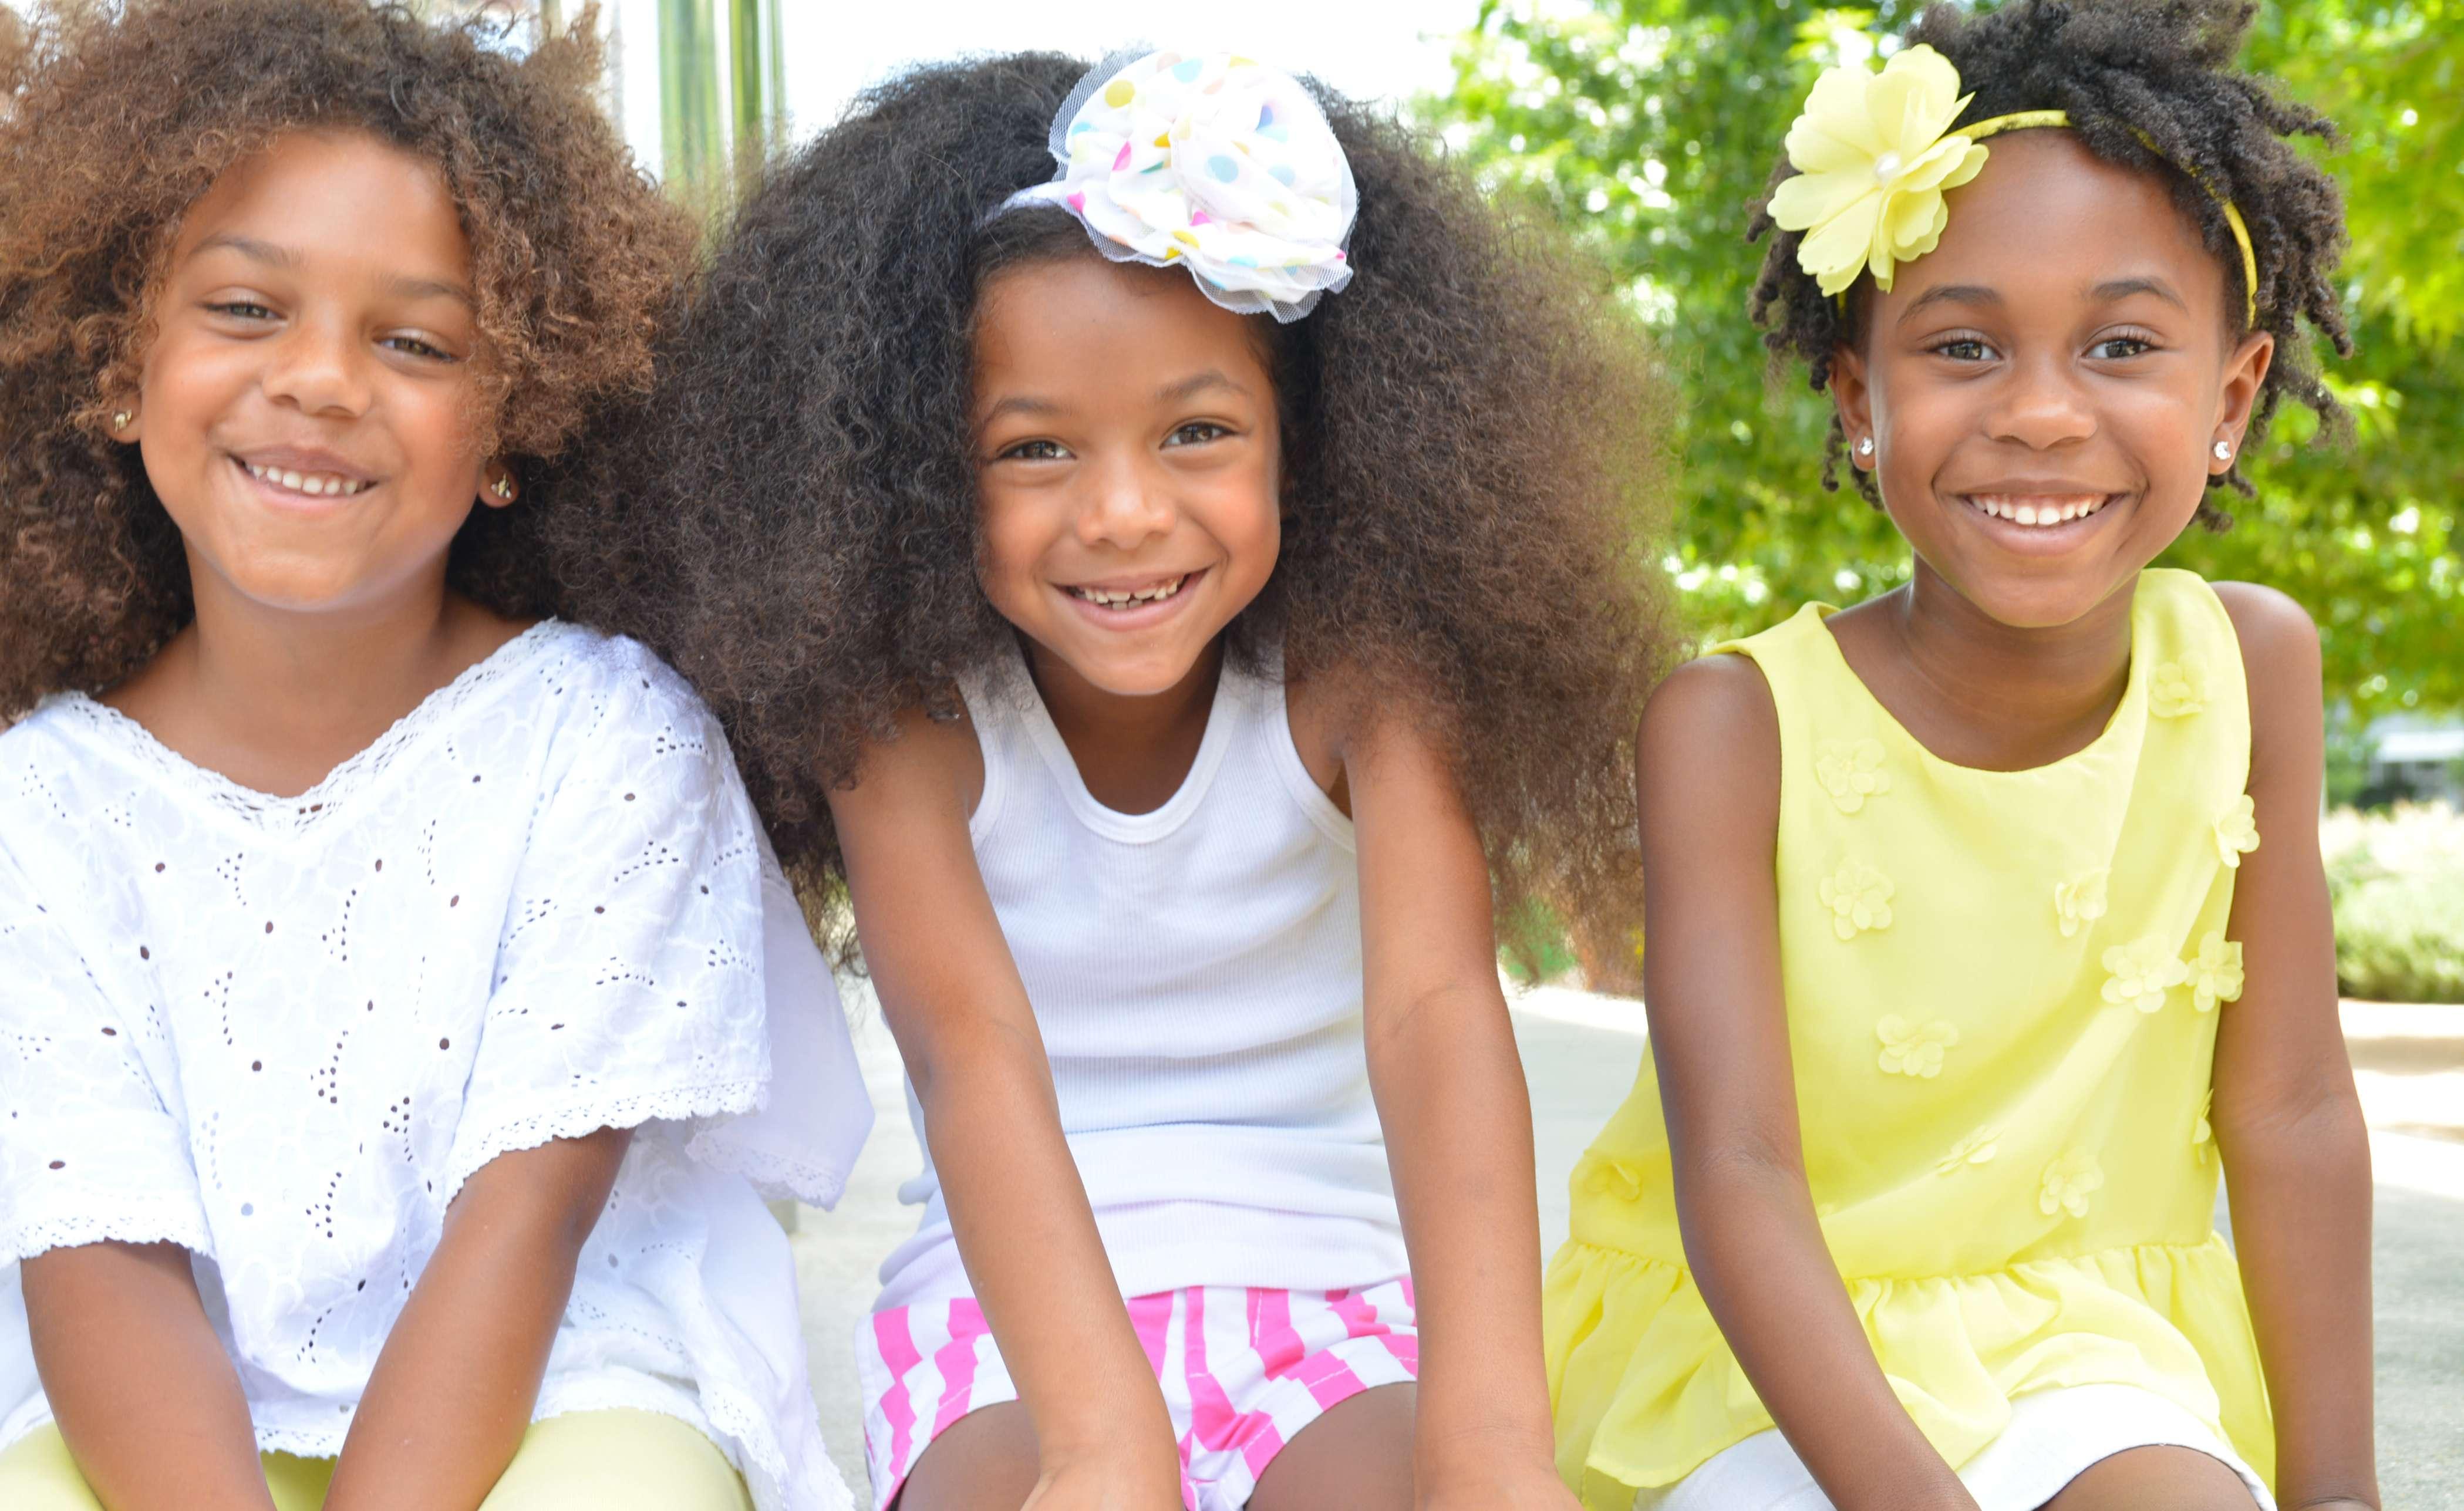 Entretien des cheveux crépus et frisés des enfants: quelques astuces et ressources